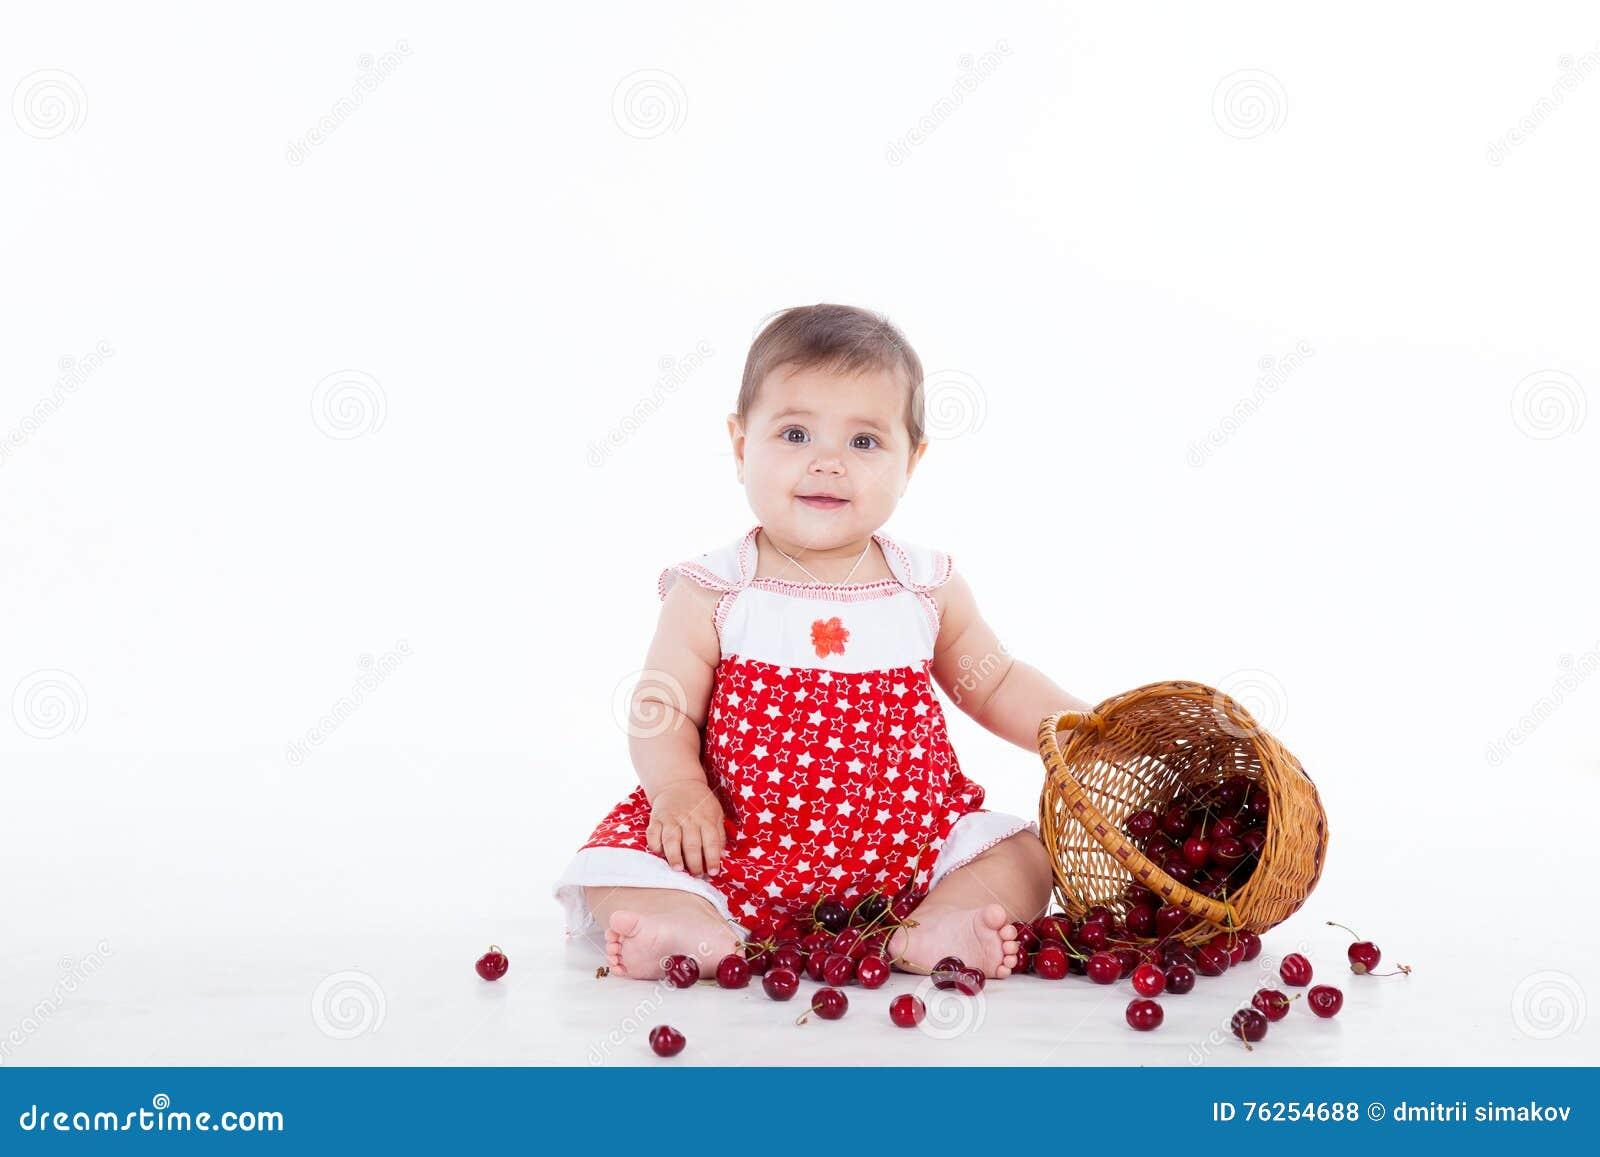 Meisje met een mand van kersenbessen